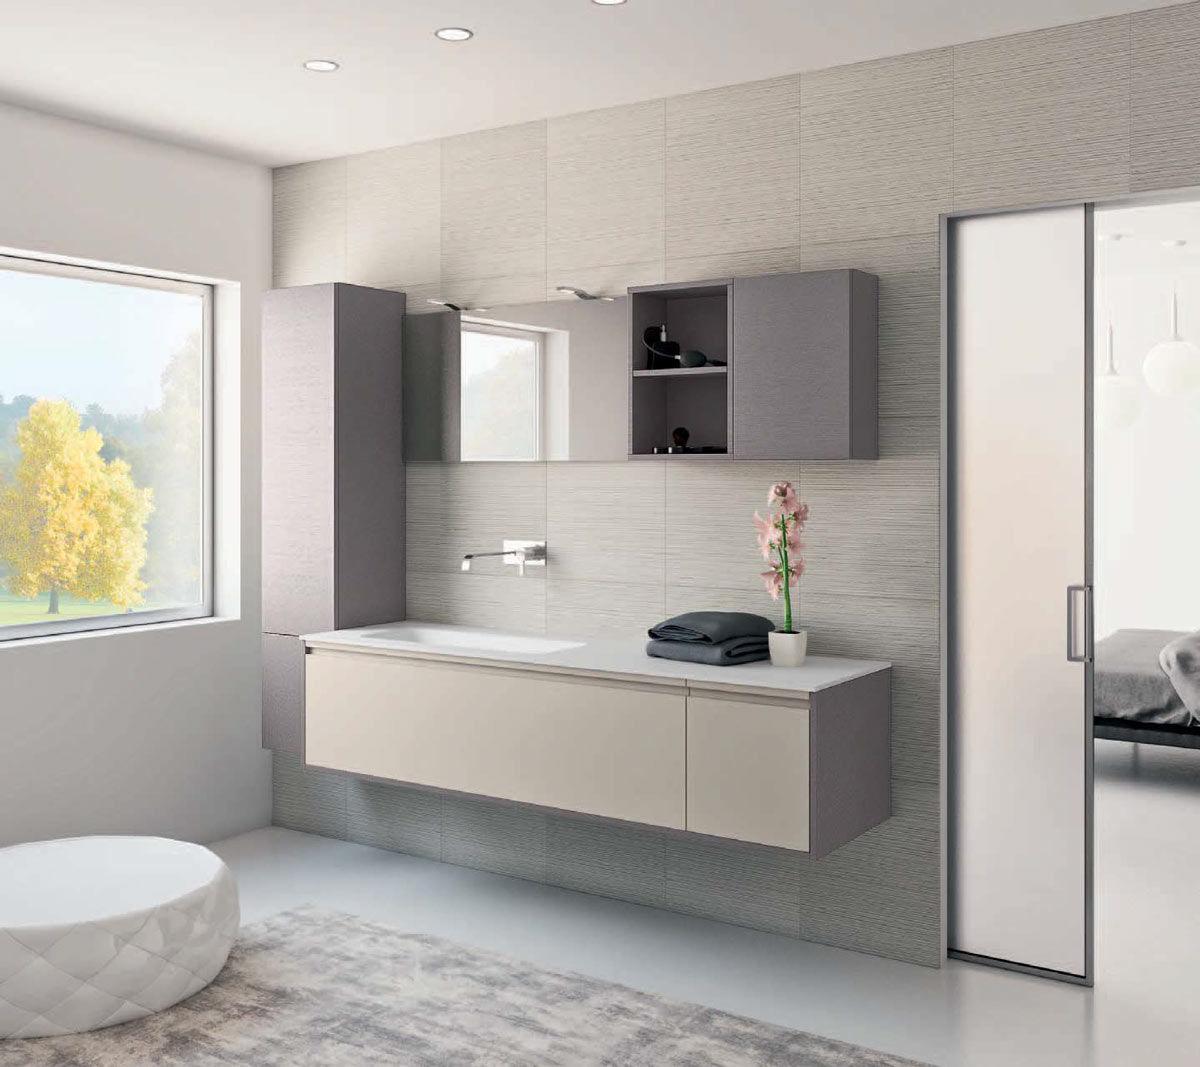 bagni moderni con doccia prezzi